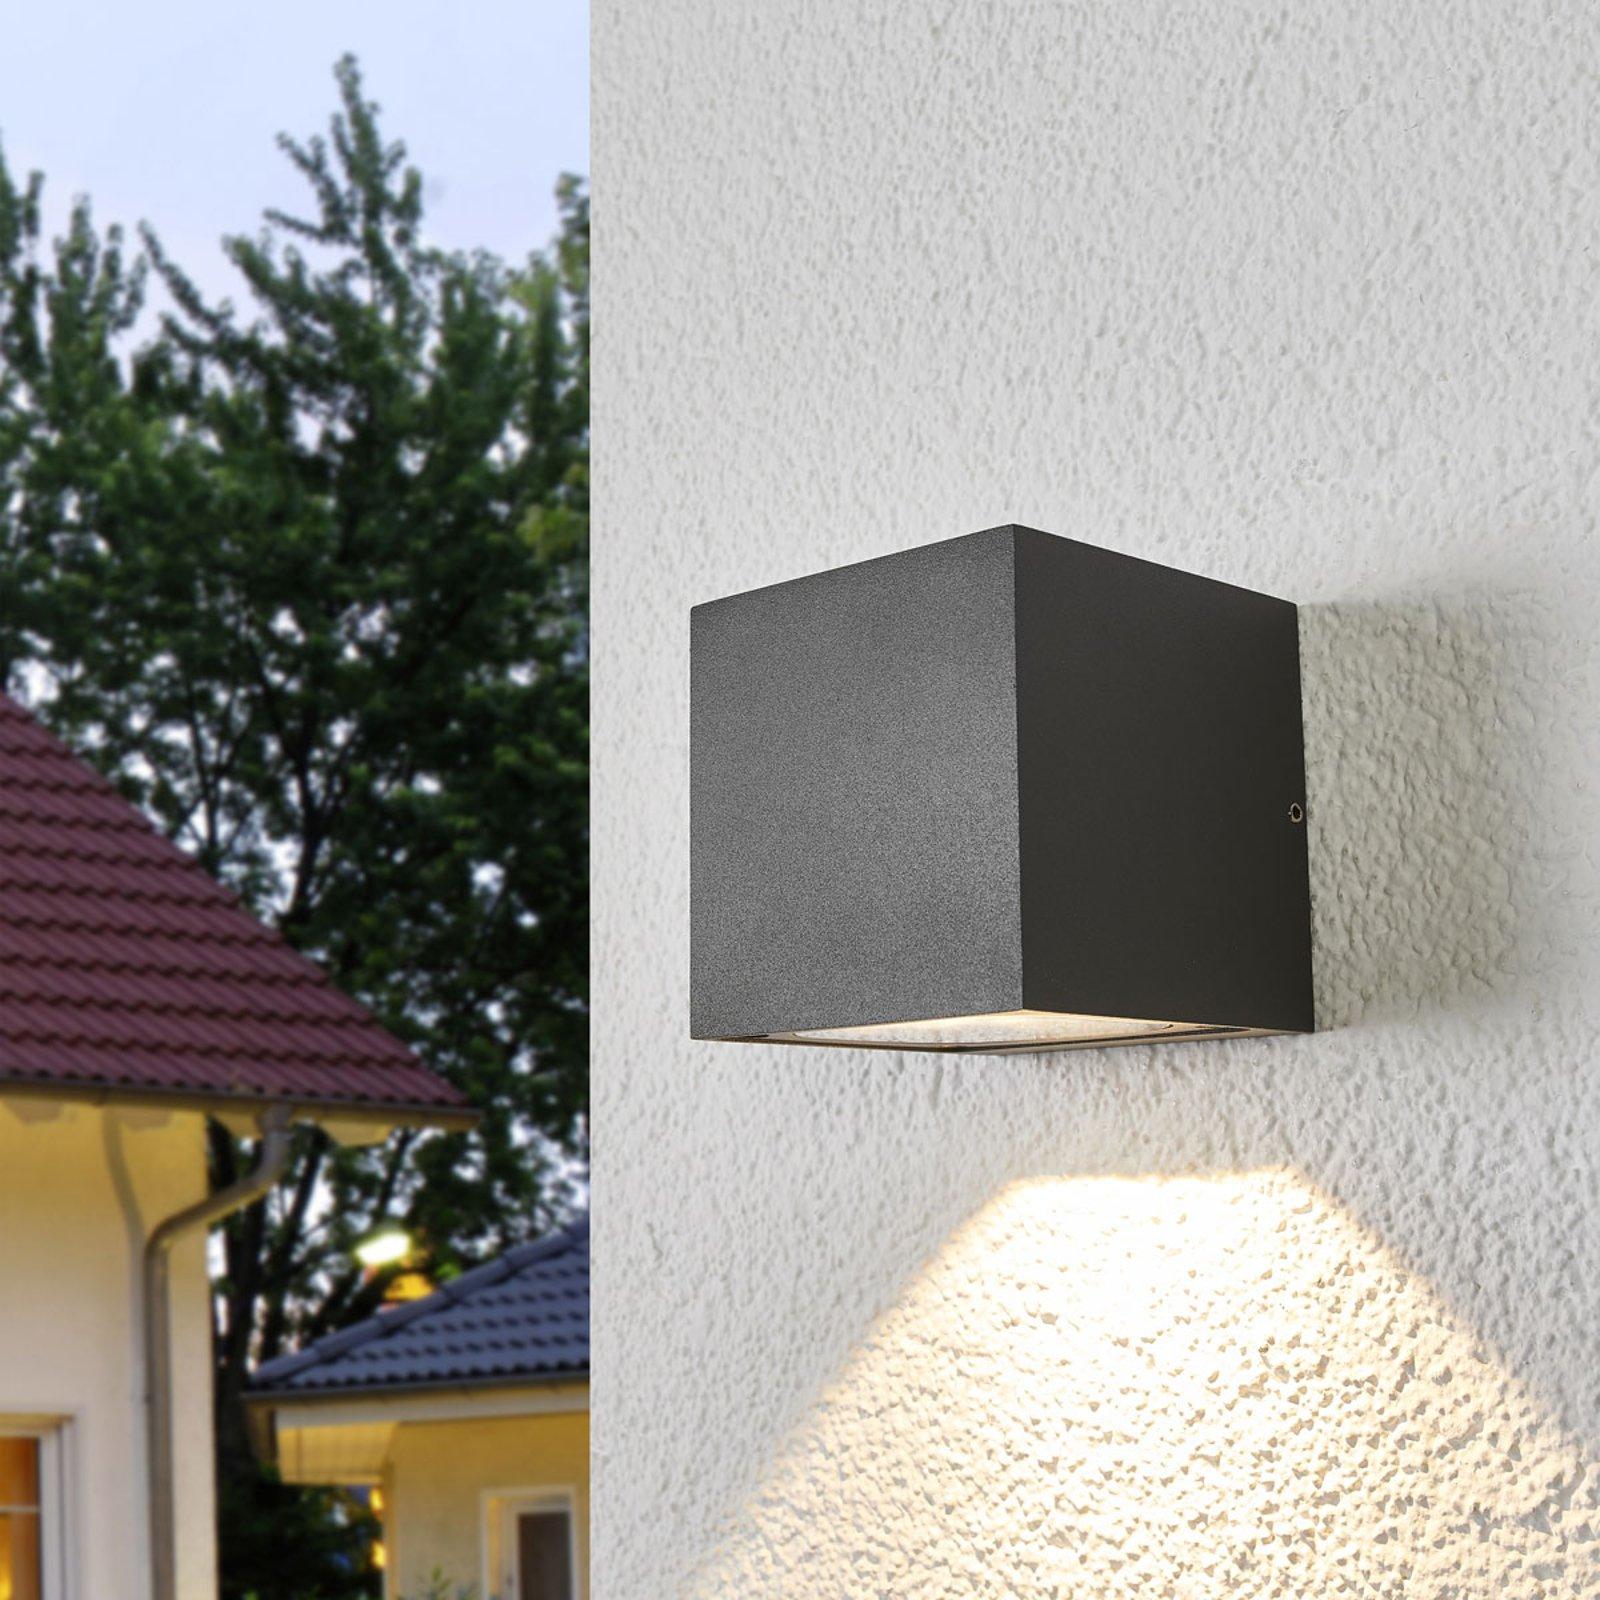 LED-utevegglampe Merjem med nedadrettet lys